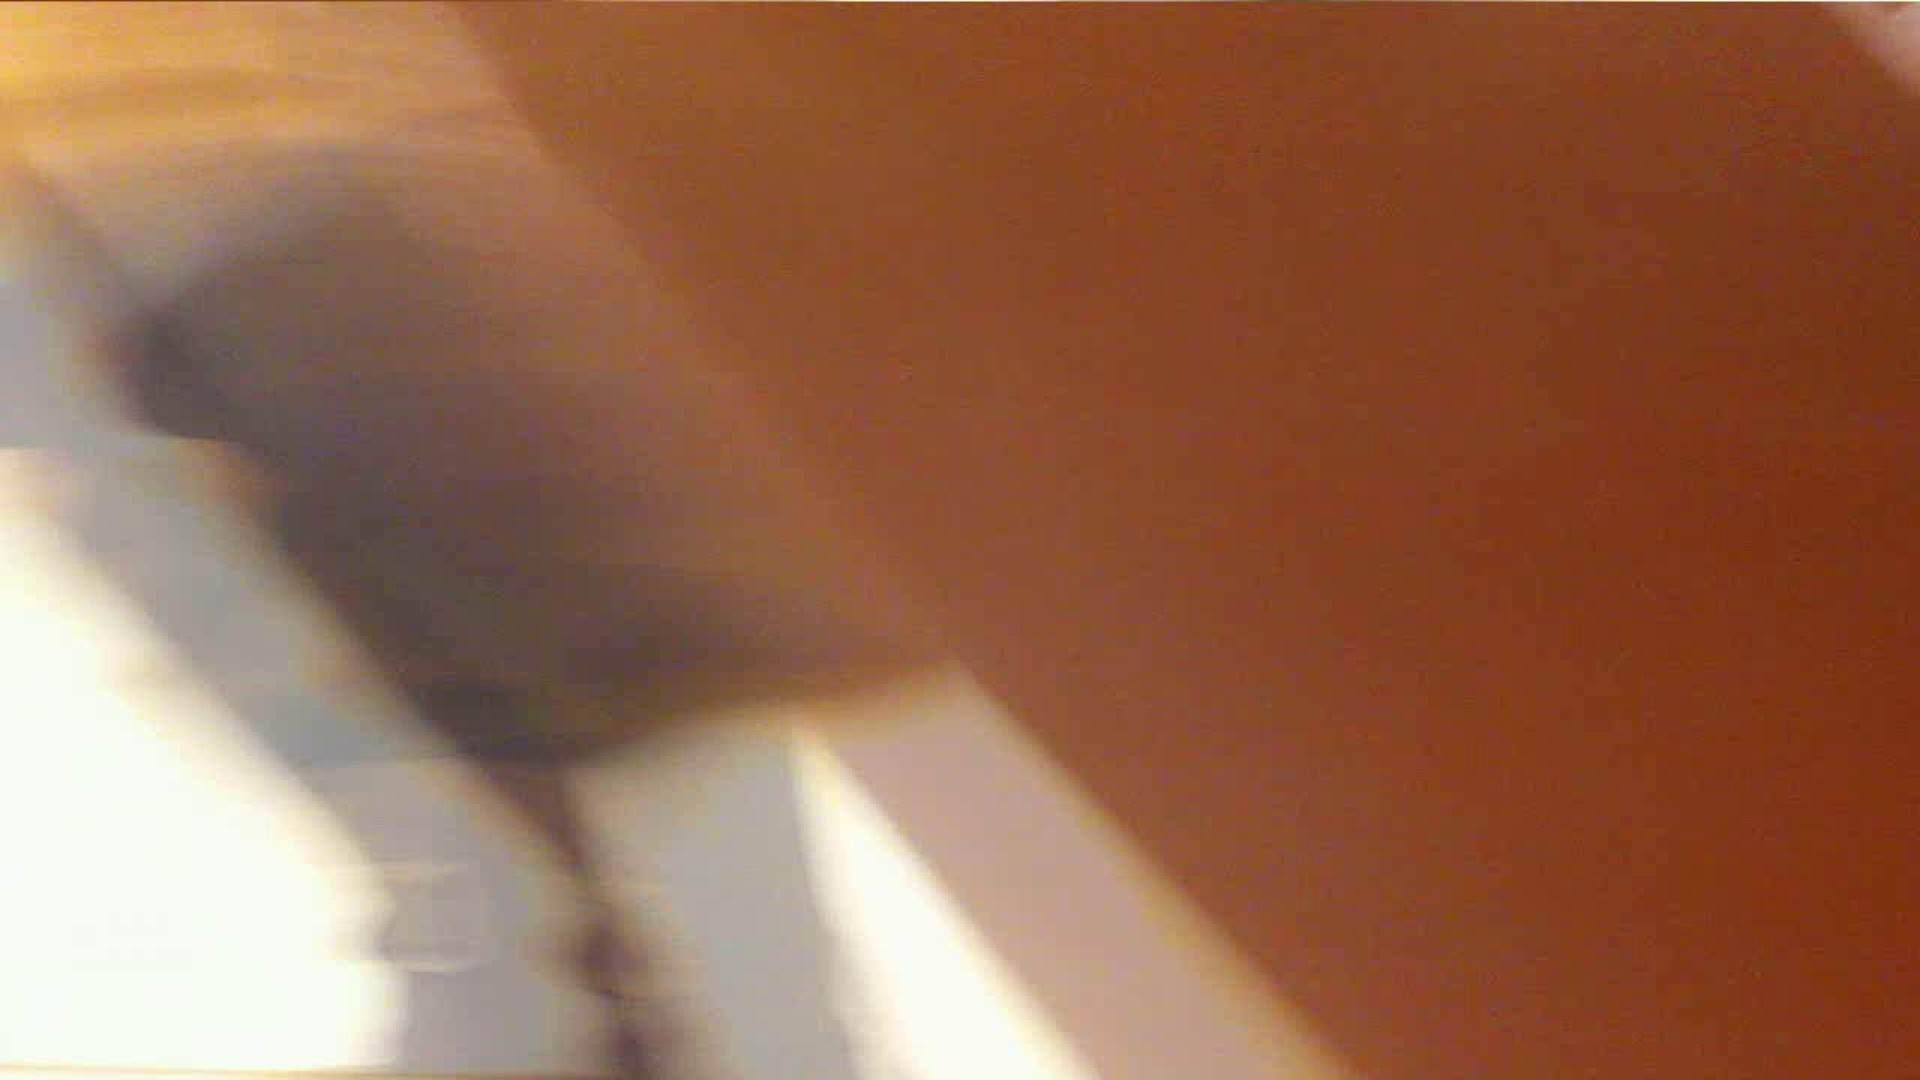 vol.34 美人アパレル胸チラ&パンチラ メガネ属性っていいよね♥ パンチラ  45連発 1